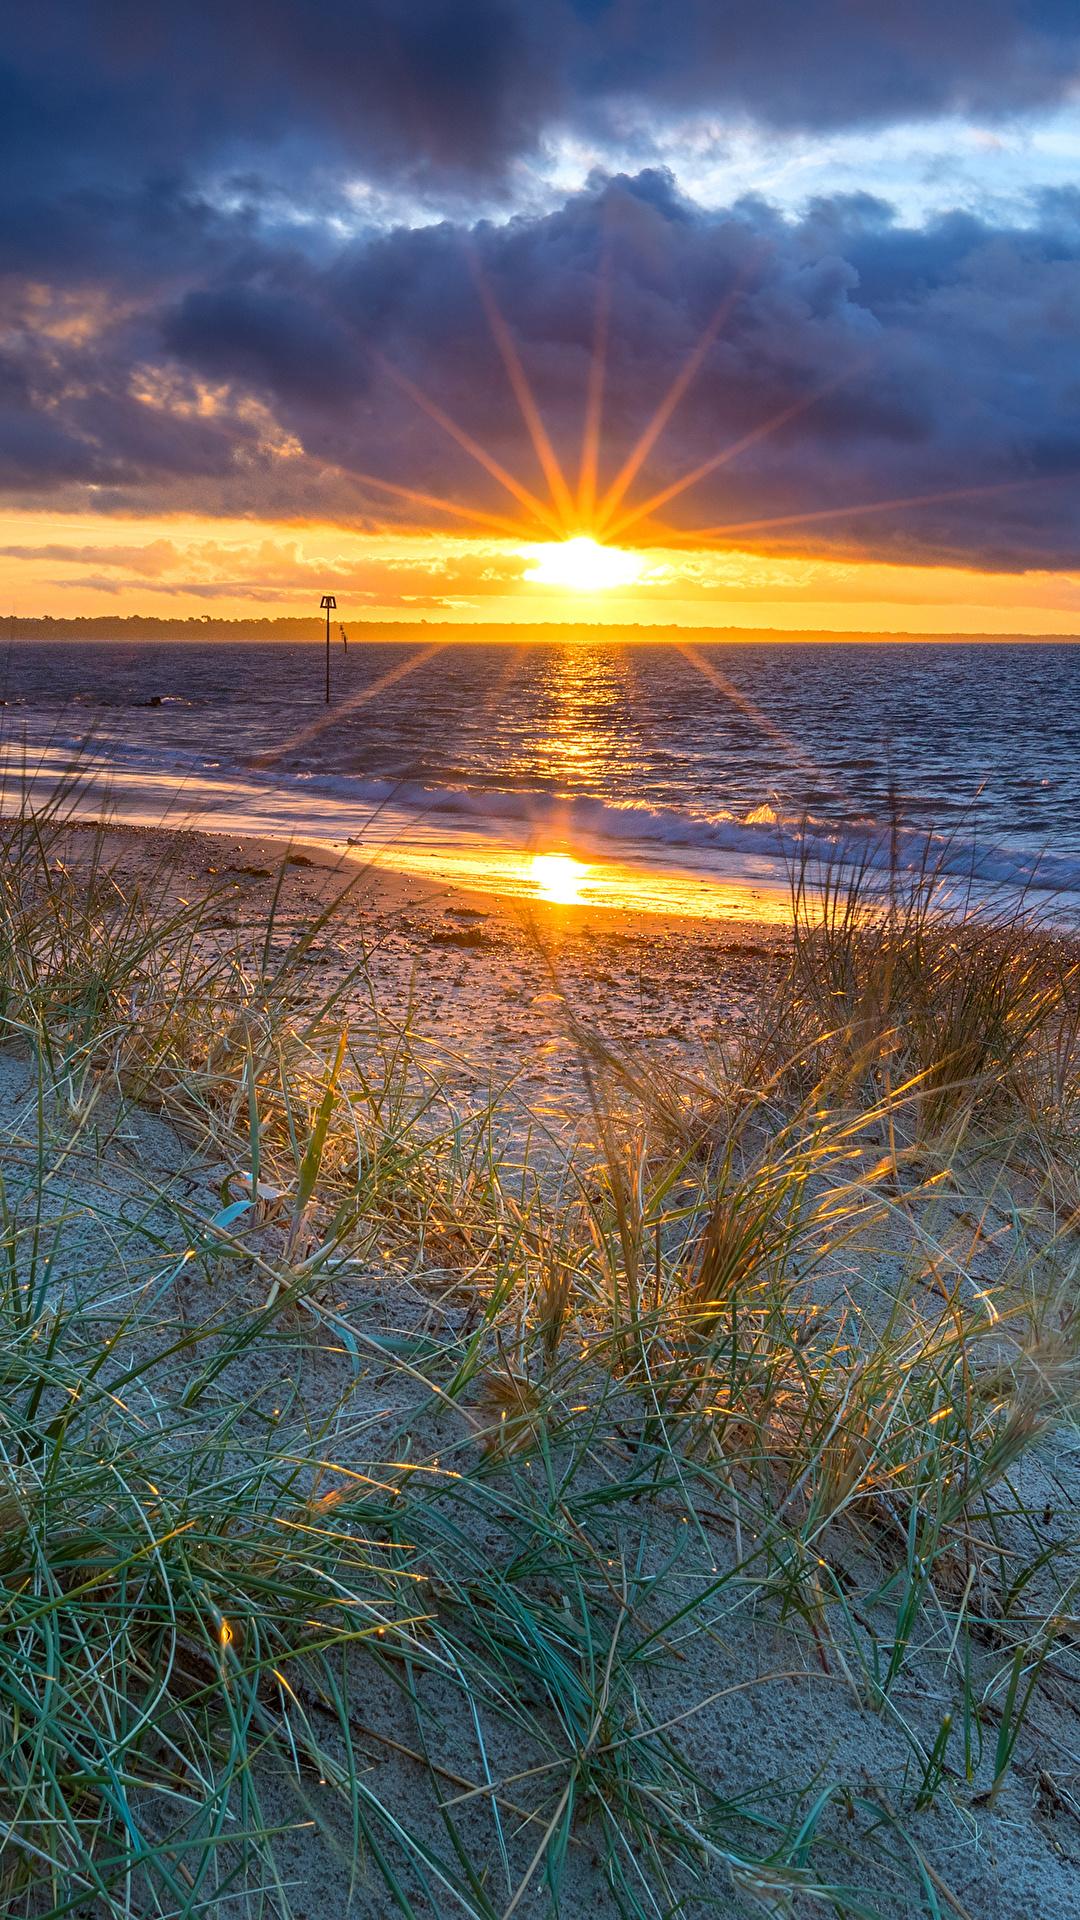 Foto England Bournemouth Sonne Natur Landschaftsfotografie Sonnenaufgänge und Sonnenuntergänge Küste Steine Wolke 1080x1920 für Handy Morgendämmerung und Sonnenuntergang Stein